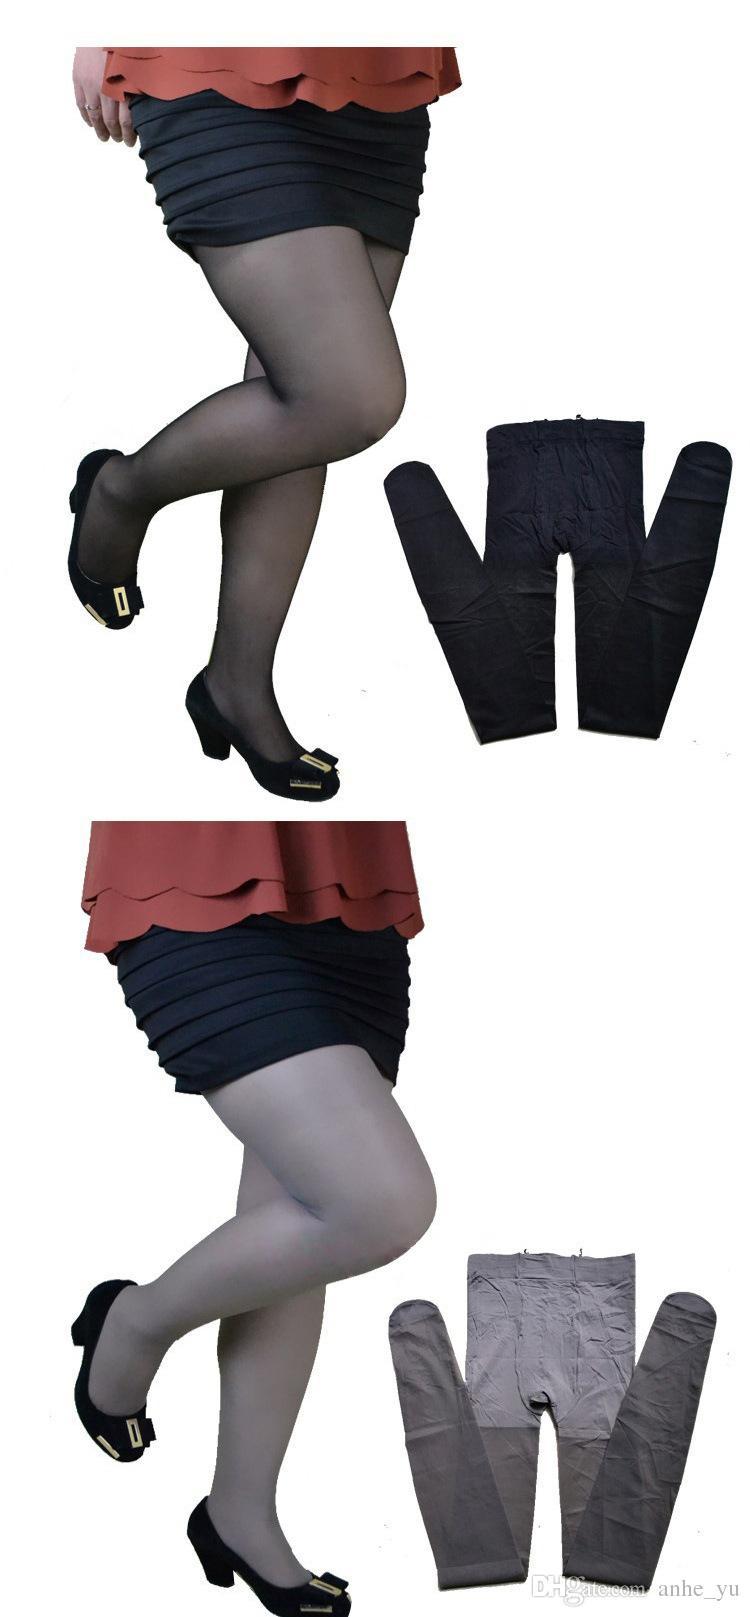 Kadınlar Şeffaf Çoraplar Yüksek Bel Parlak Parlak Artı Büyük Boy Çorap Kulübü Dans Uyluk Yüksekler Tayt Şekillendirme Külotlu FX5